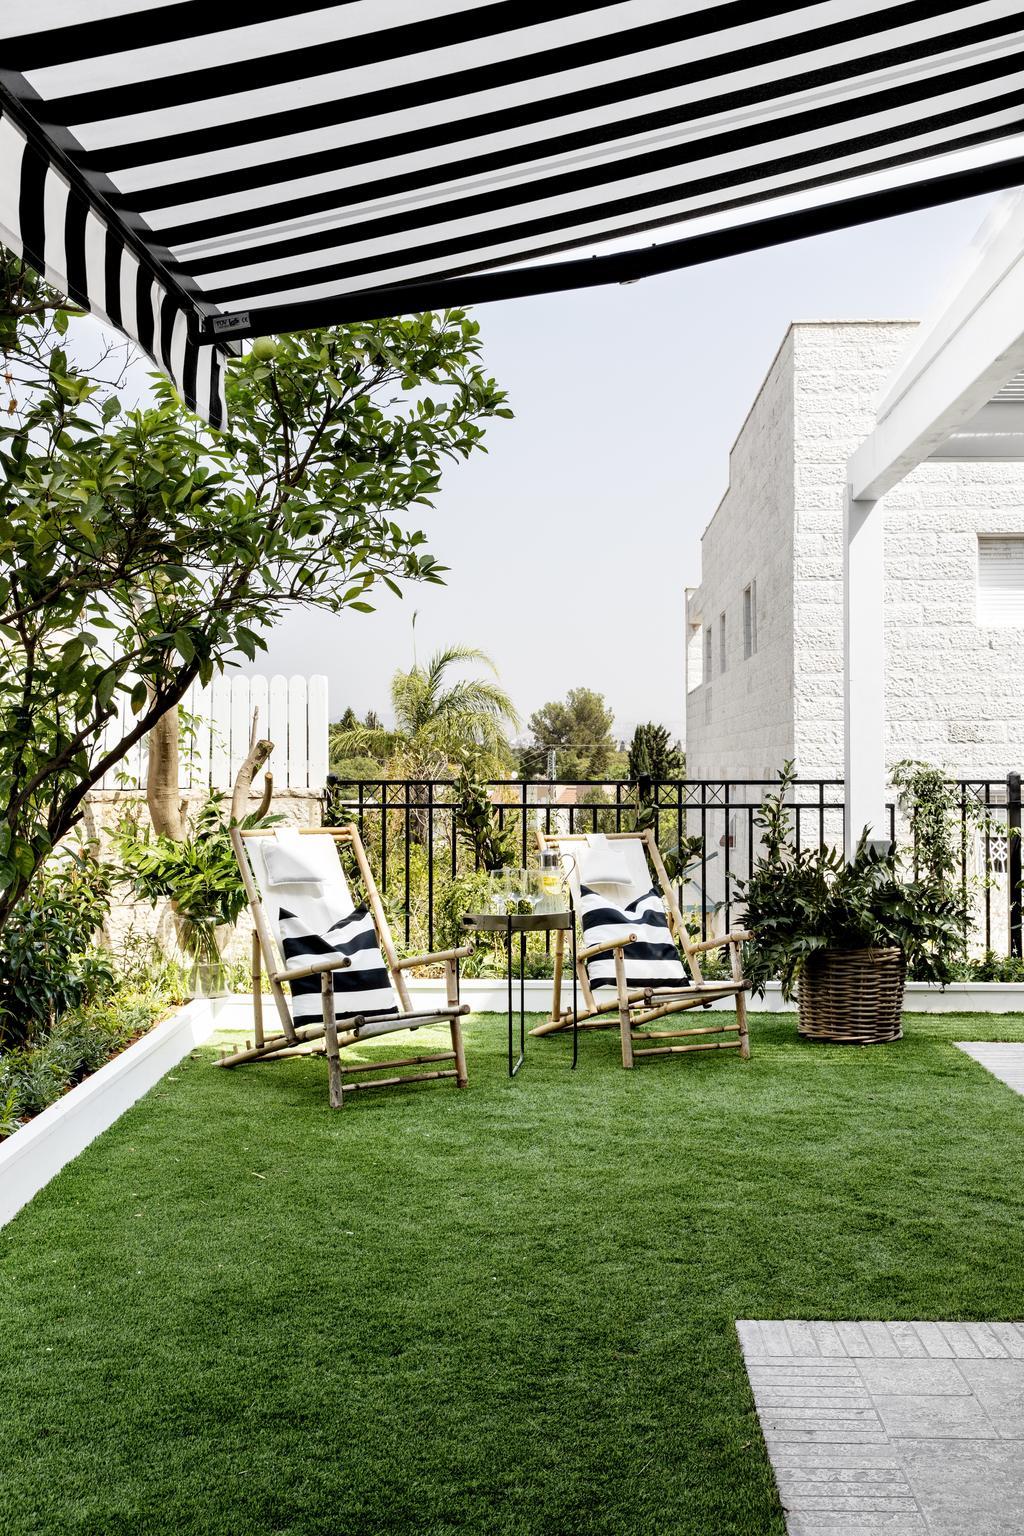 דשא וצמחייה רעננה ממסגרים את הגינה הלא גדולה של הבית. צילום: איתי בנית